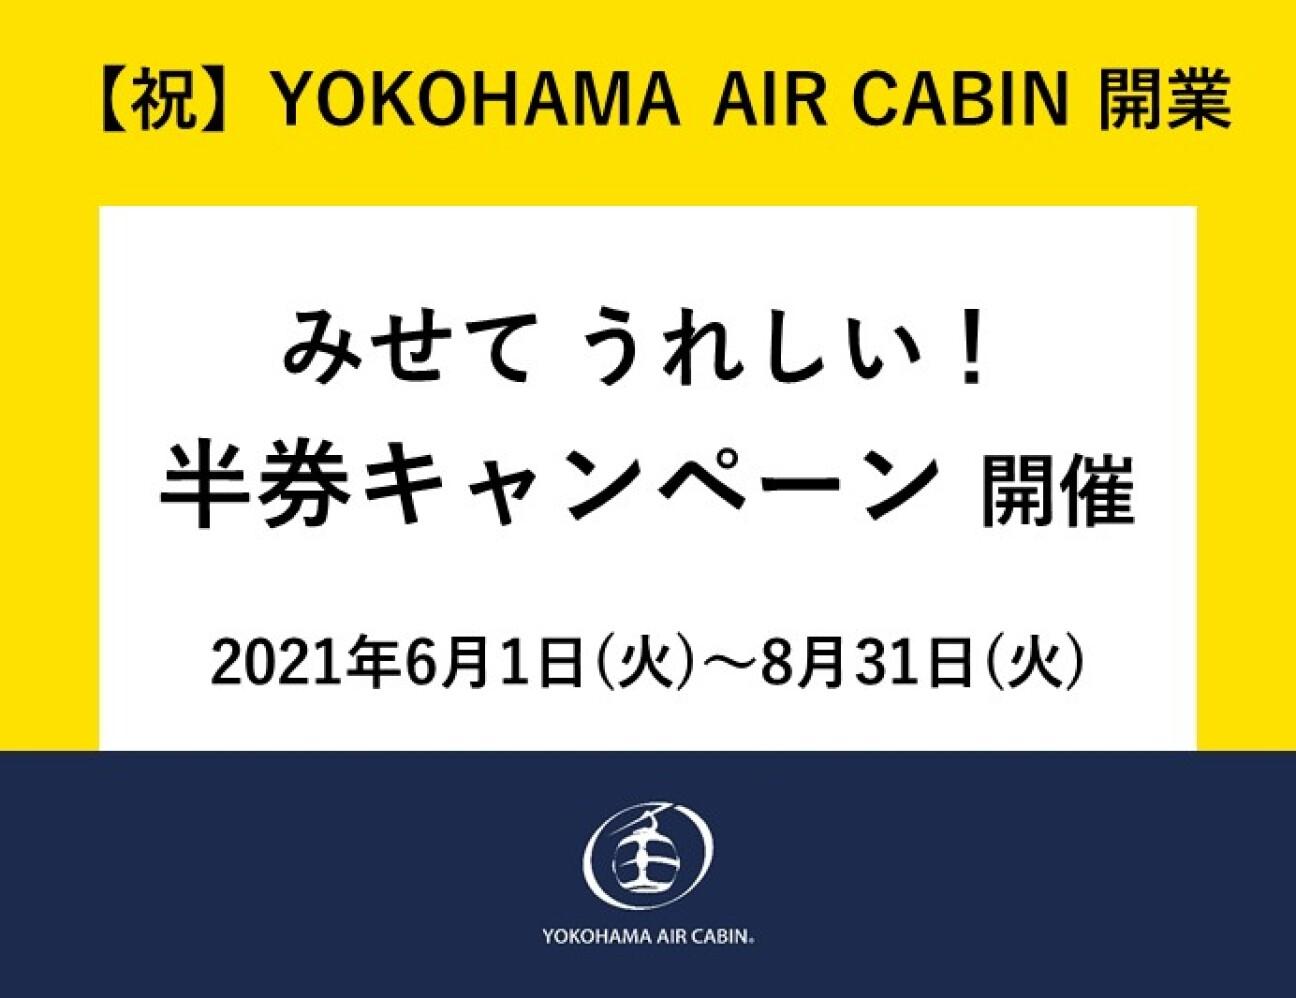 【祝】YOKOHAMA AIR CABIN開業◇ みせてうれしい!半券キャンペーン 開催